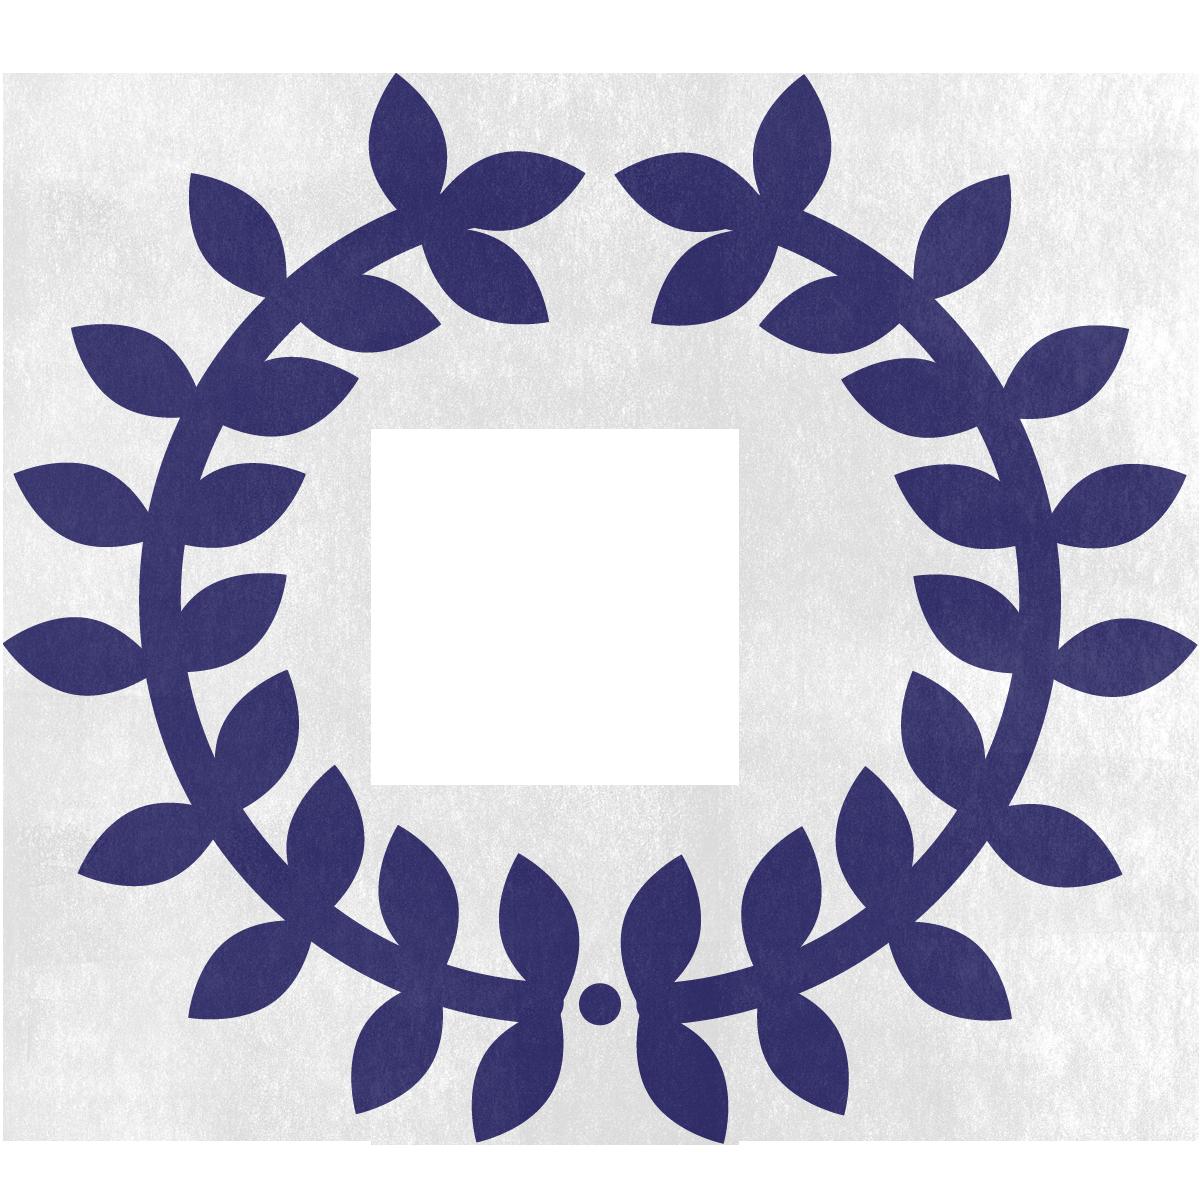 A purple laurel circle showing trust as a core value.